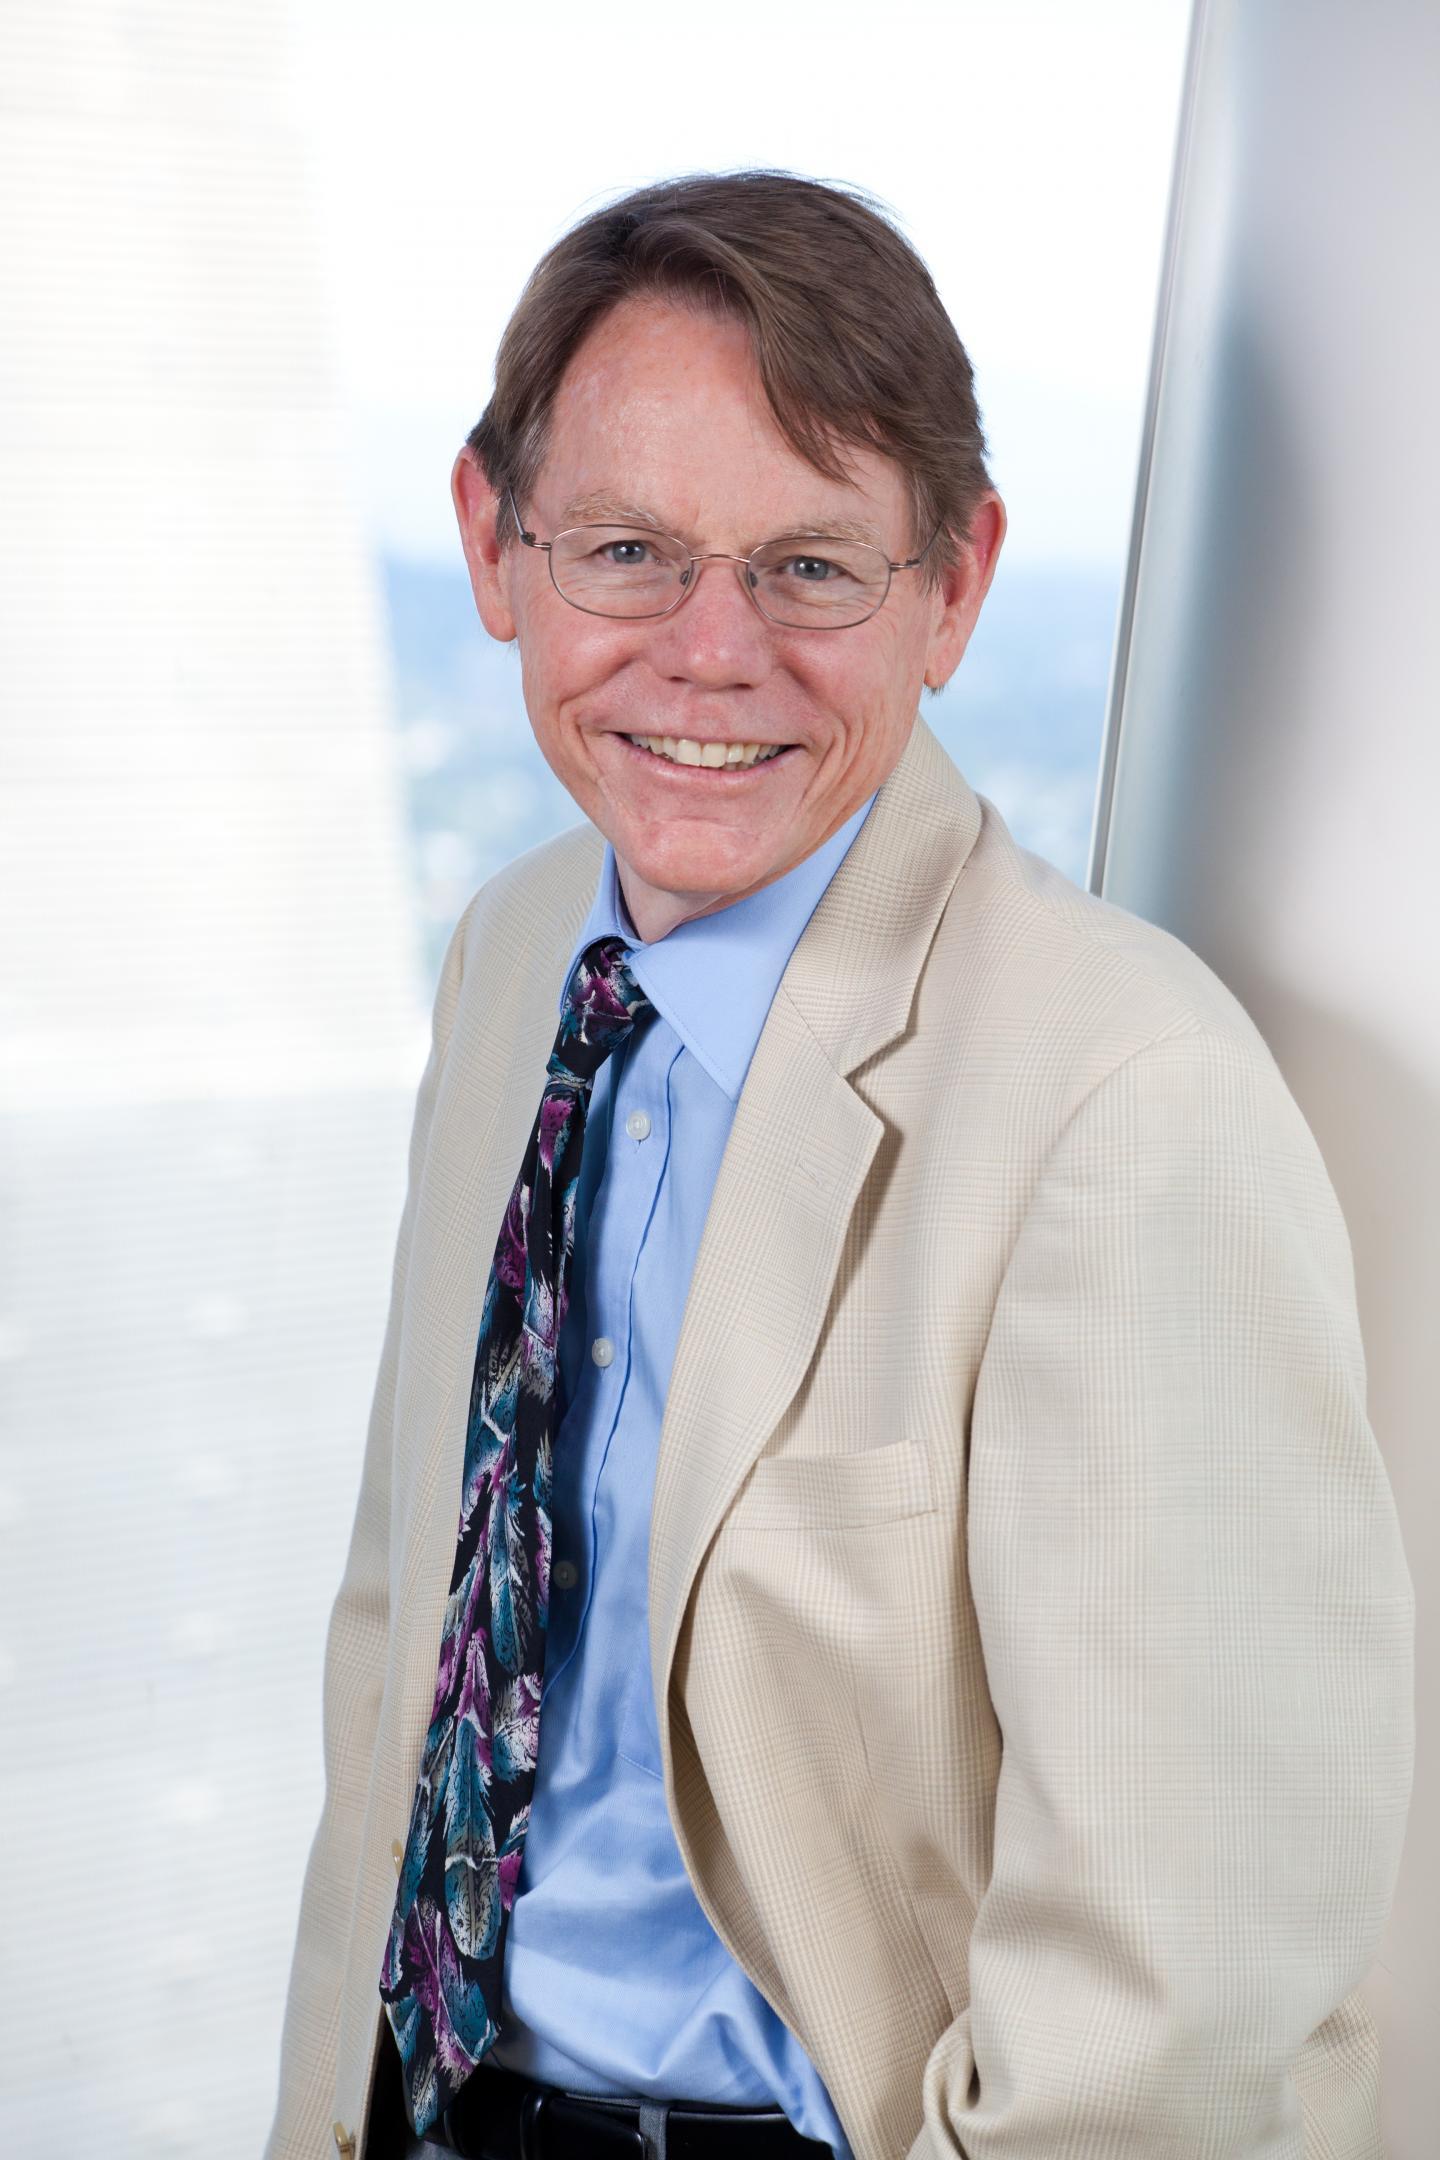 Dr. Dennis Bourdette